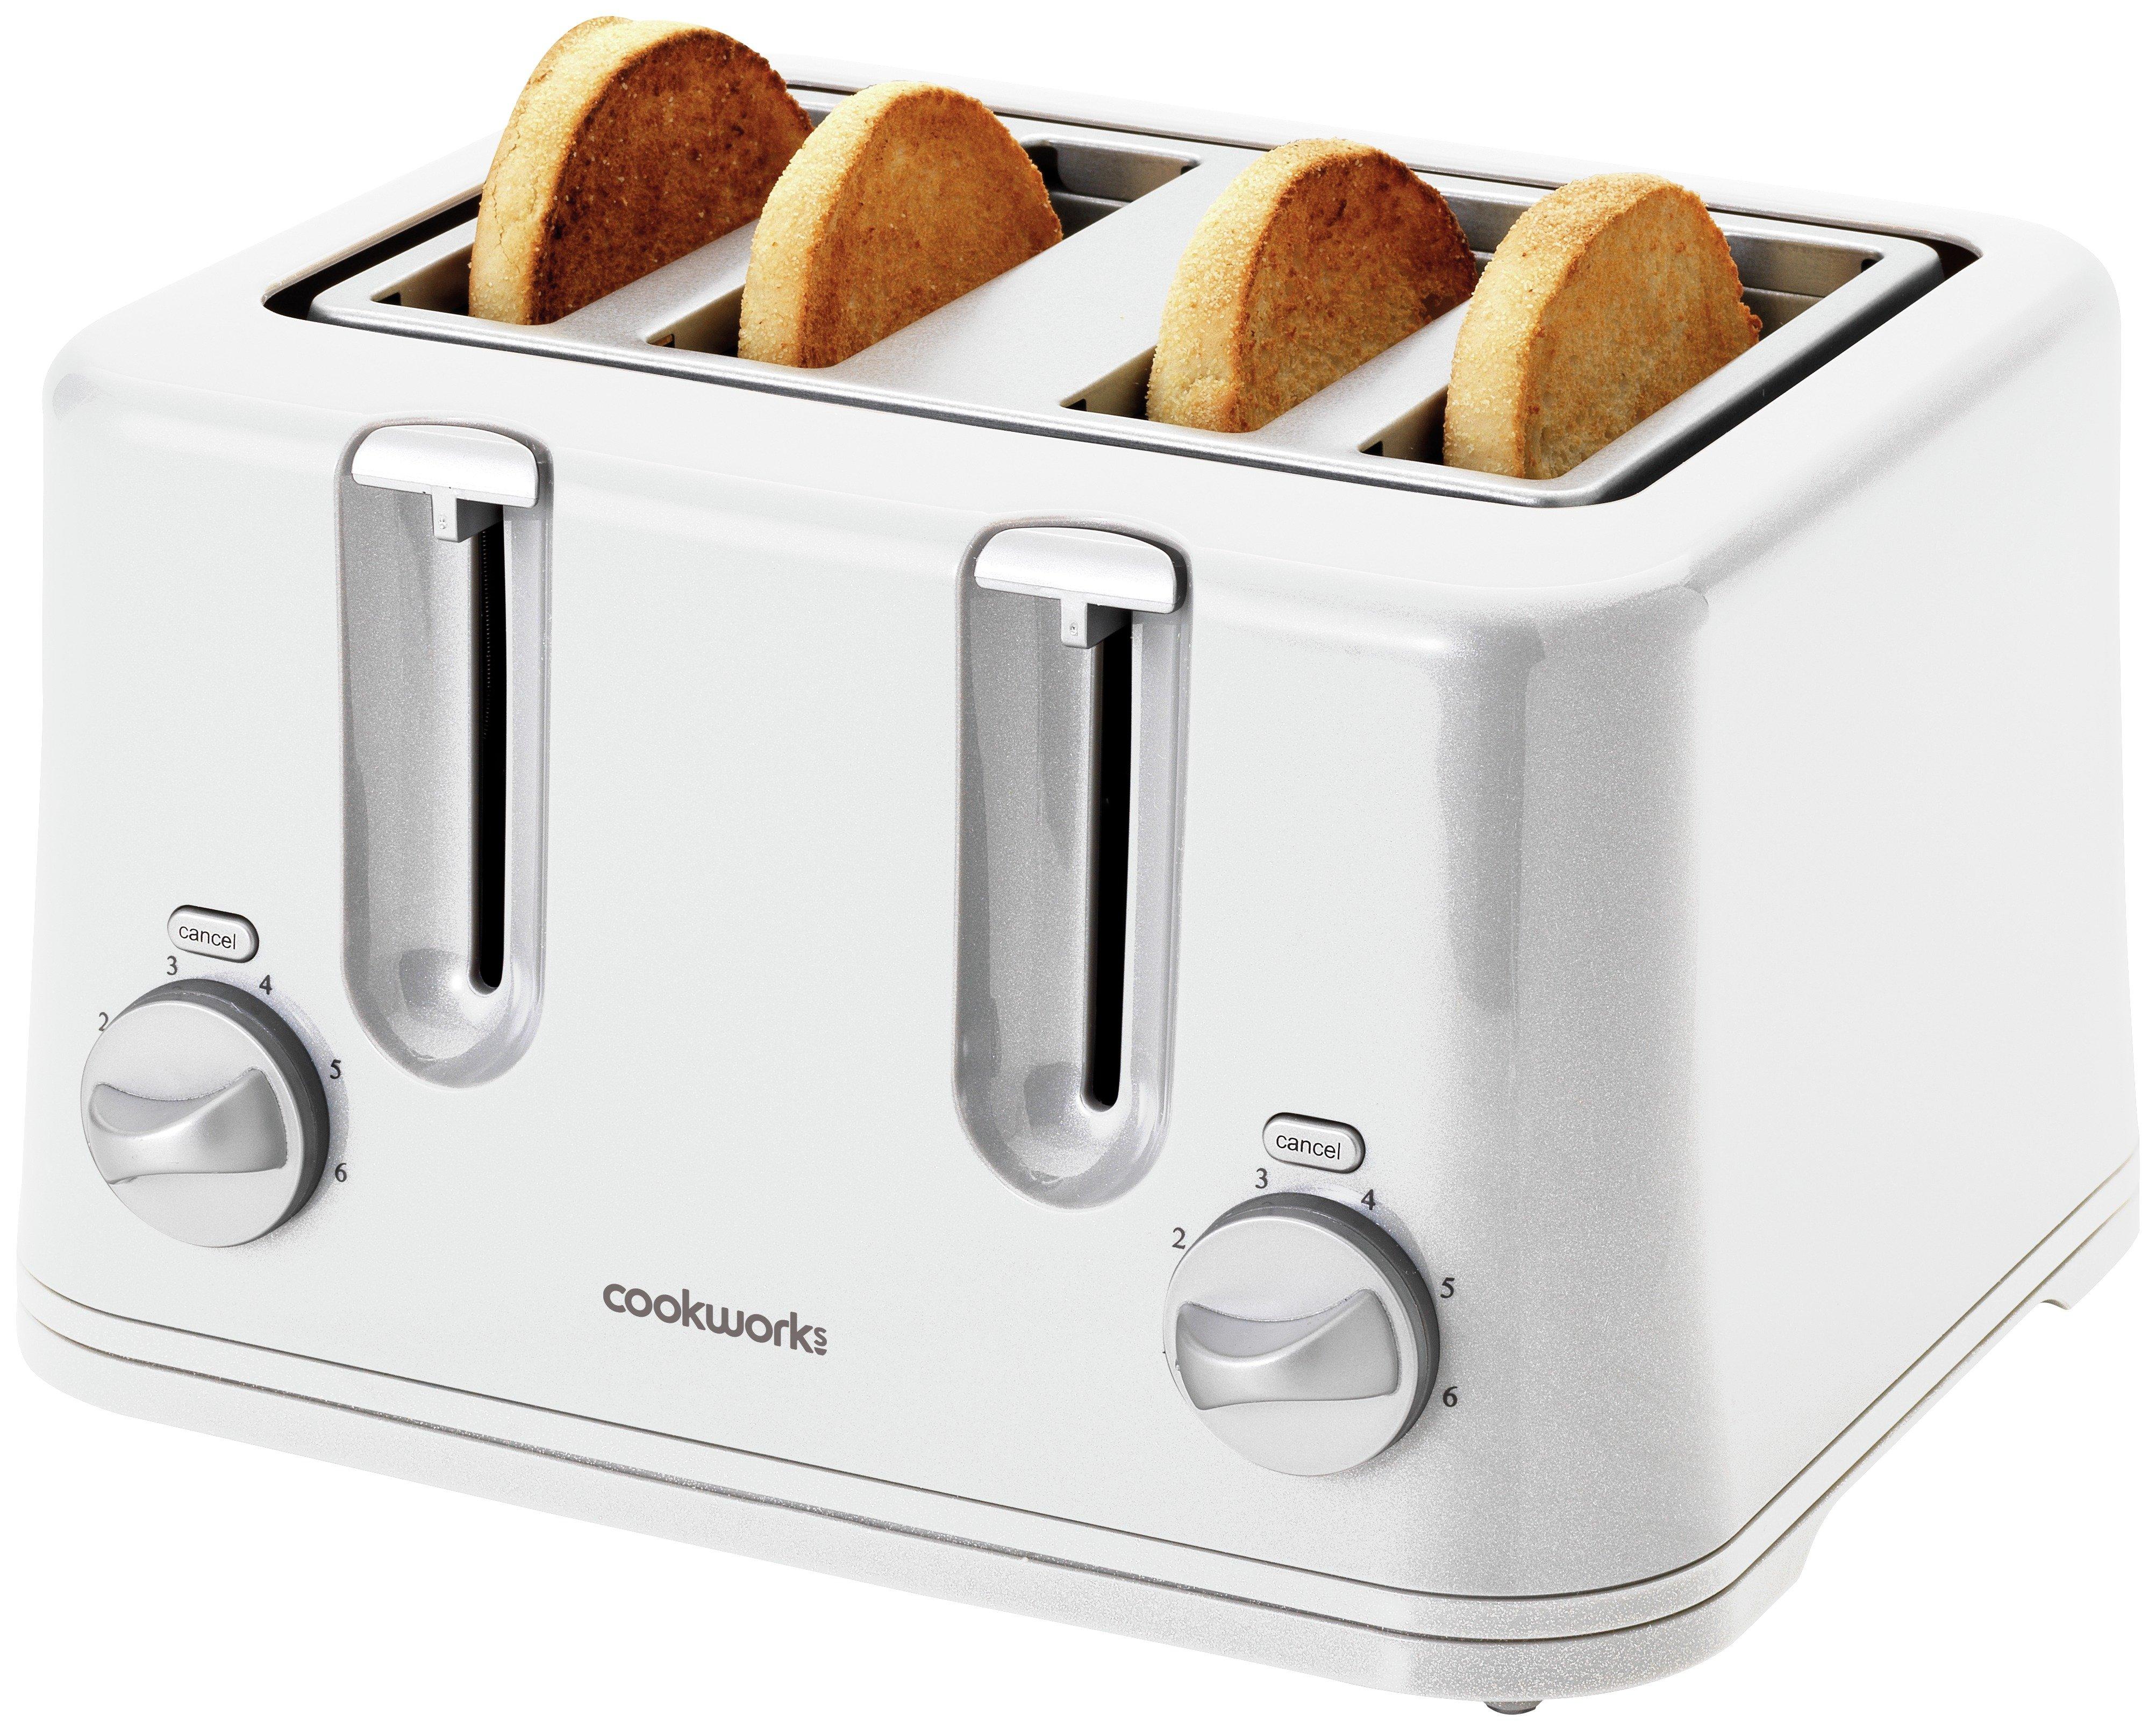 cookworks toaster find it for less. Black Bedroom Furniture Sets. Home Design Ideas